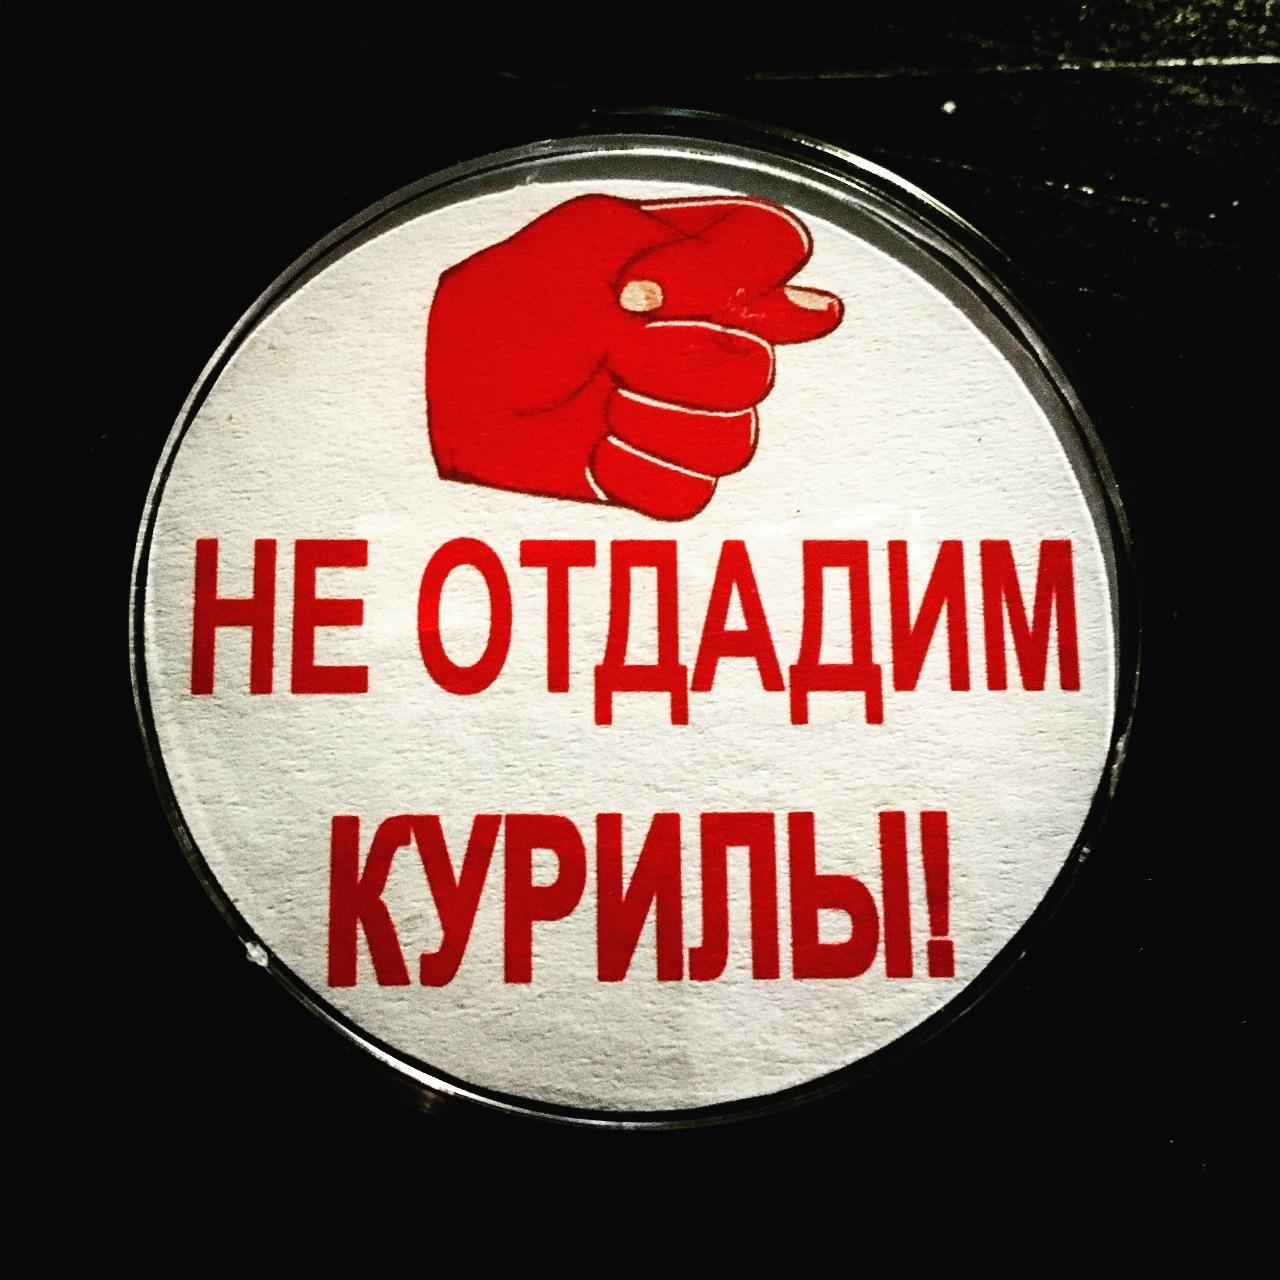 О митинге 20 января на Суворовской площади. И от АПН Северо-Запад